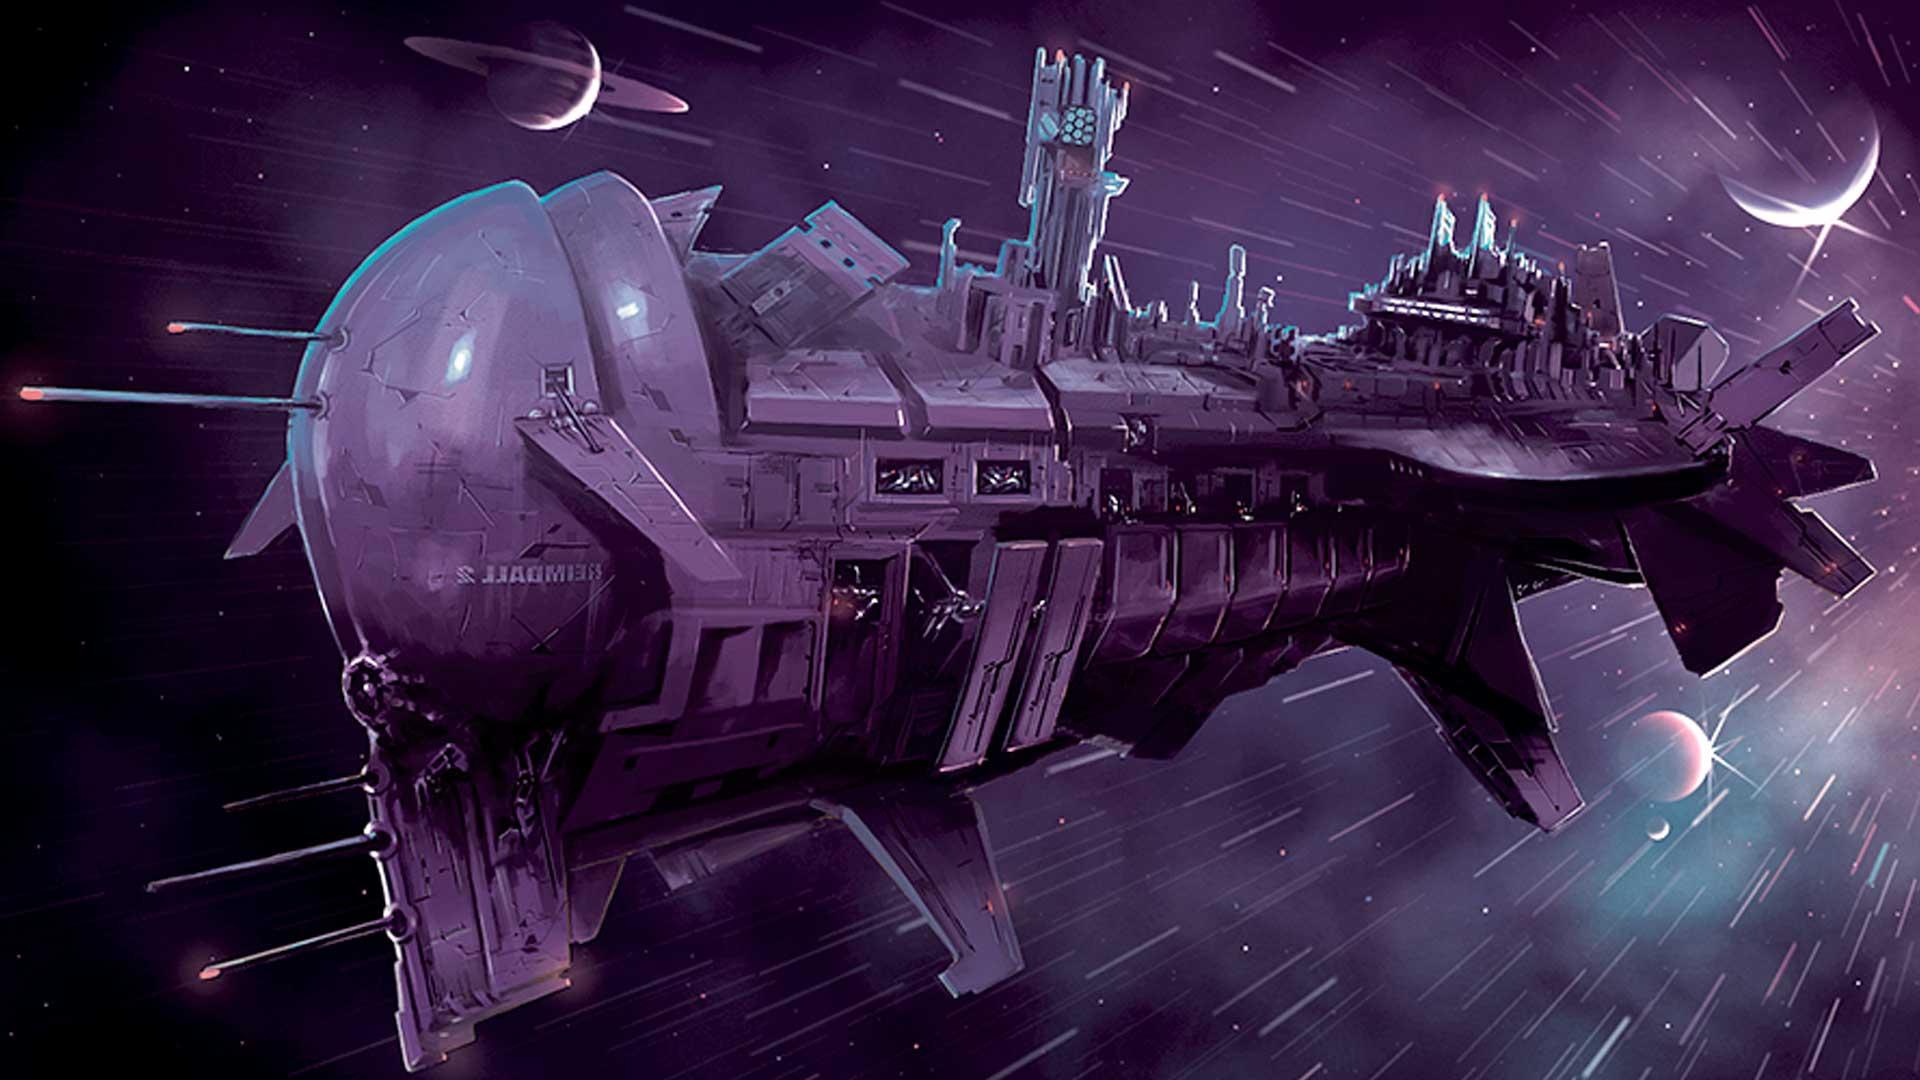 Nueva teoría: ¿Son los alienígenas visitantes del futuro?